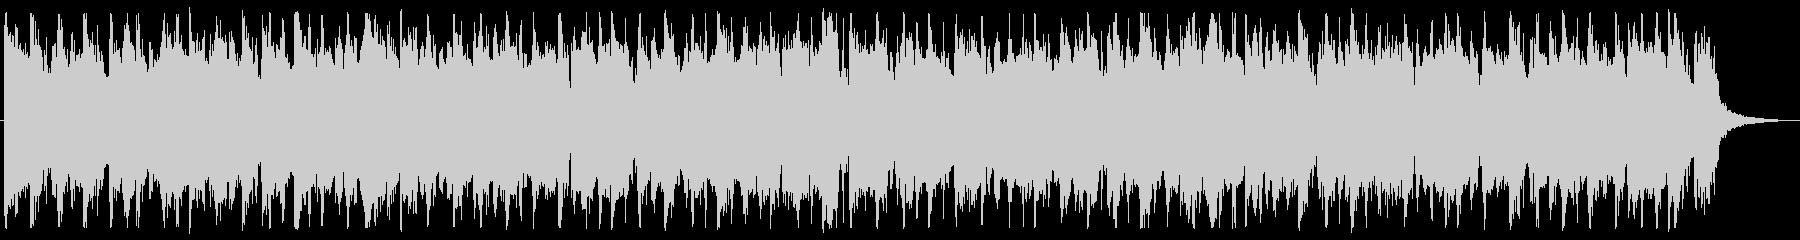 ギター/インディーロック_No454_4の未再生の波形